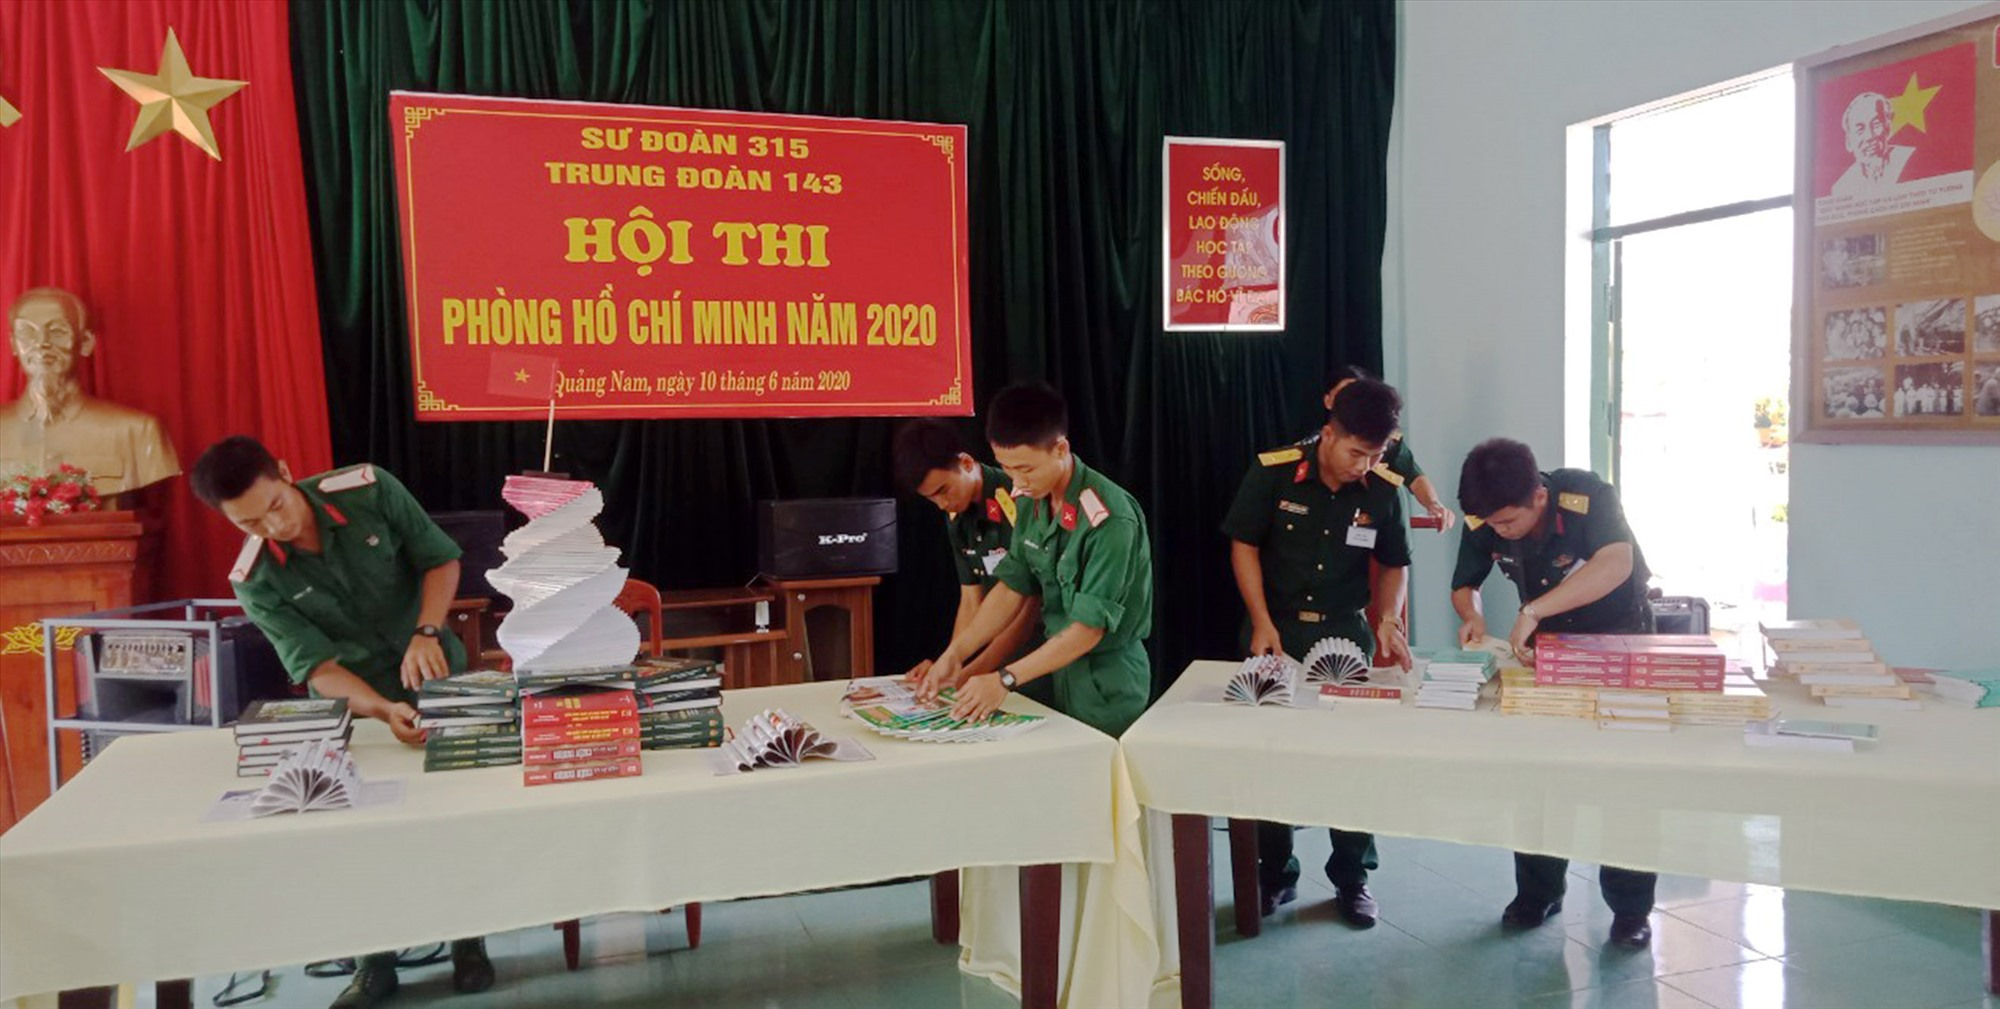 Nhóm nghiệp vụ sách, báo thực hành nội dung bố trí, sắp xếp tại Phòng Hồ Chí Minh. Ảnh: LÊ TÂY